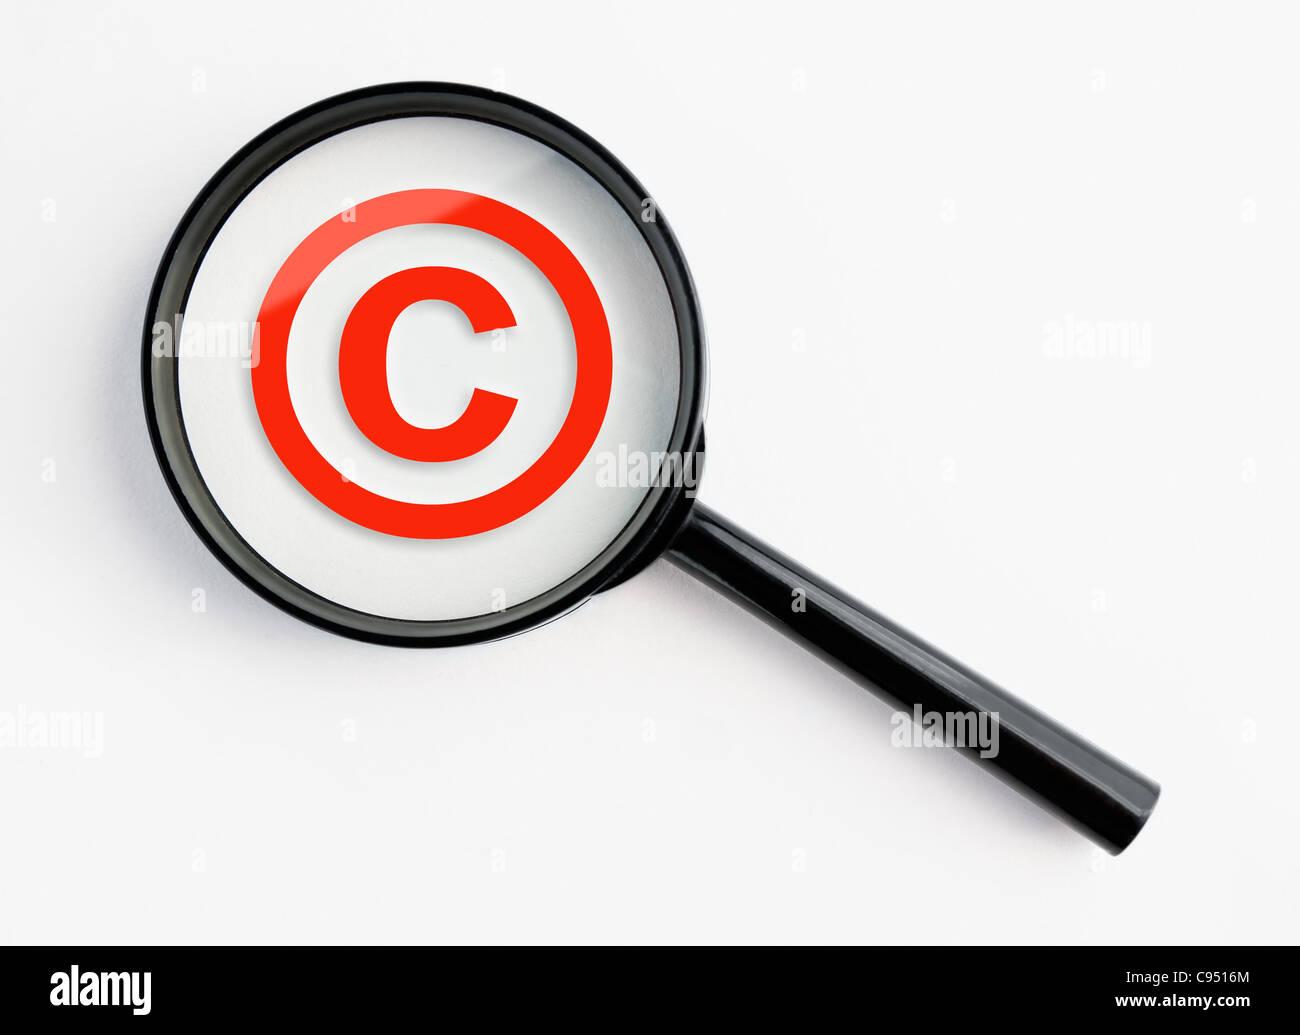 Simbolo di copyright sotto una lente di ingrandimento, con sfondo isolato Immagini Stock